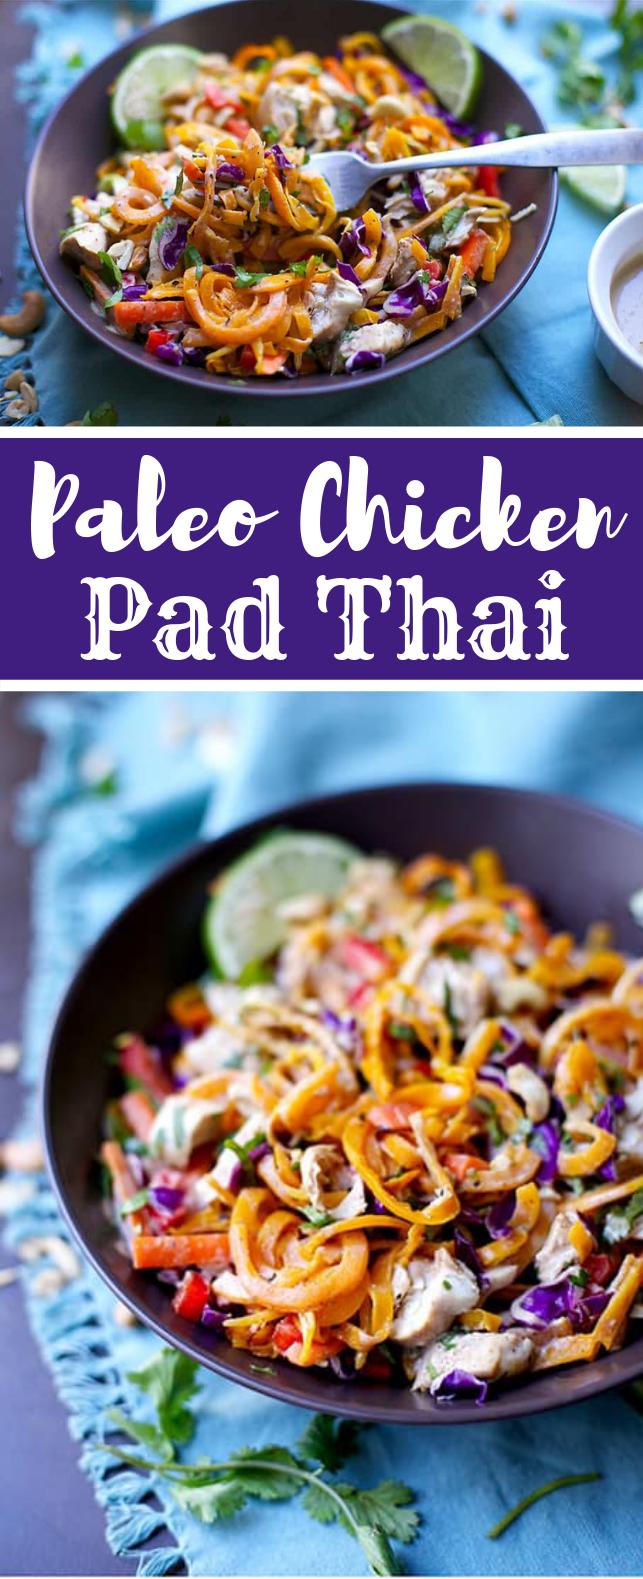 PALEO CHICKEN PAD THAI #healthyrecipe #paleo